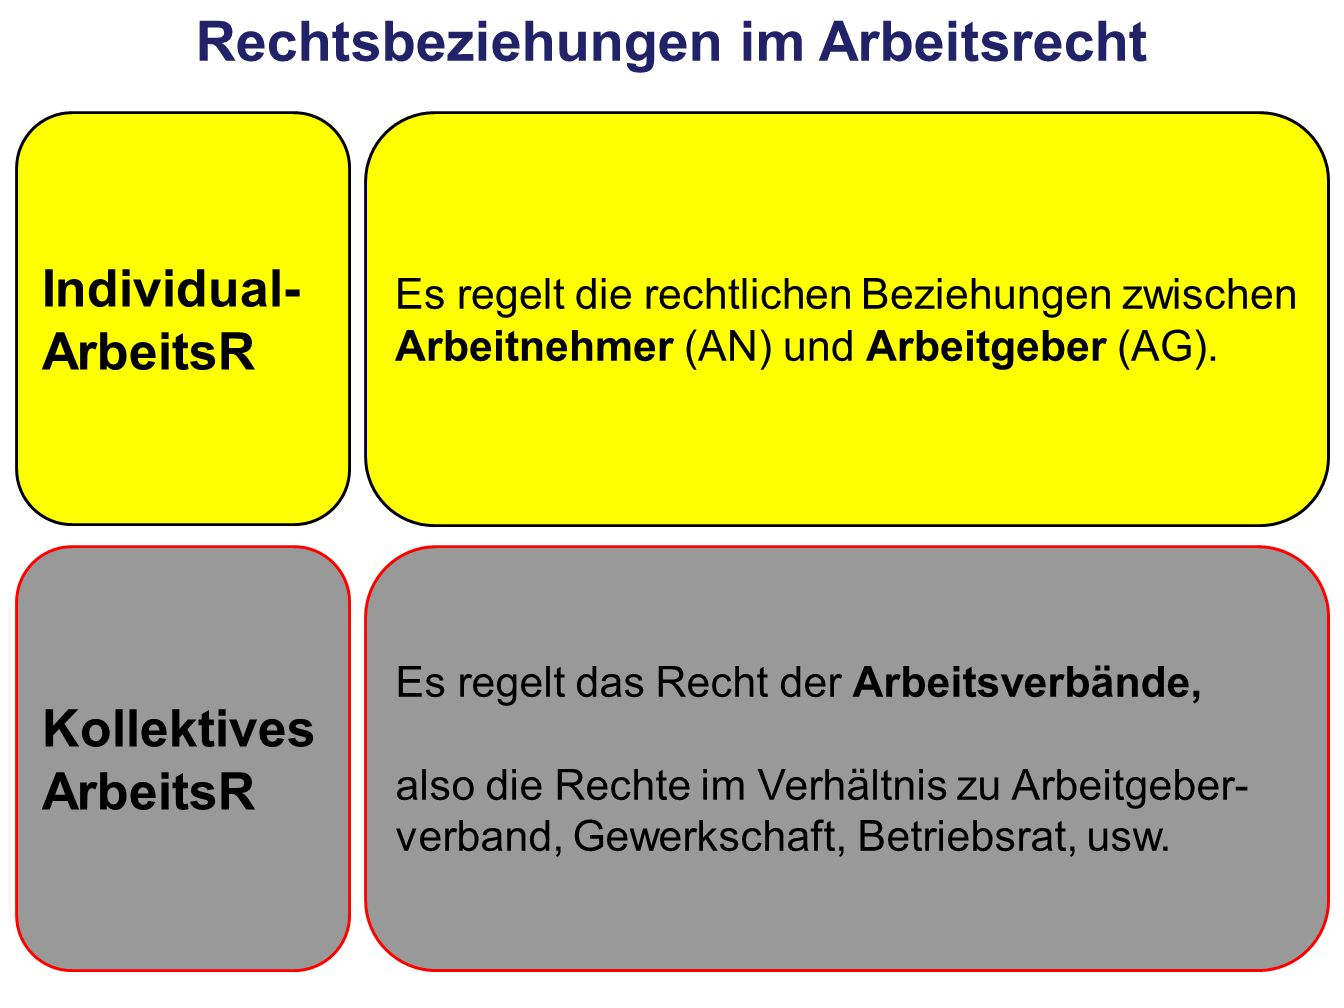 44 Systematische Gliederung des Arbeitsrechts Arbeitsvertrags- recht Arbeitnehmer- schutzrecht Tarifvertrags- recht und Arbeitskampf- recht Betriebs- verfassungsrecht Unternehmens- mitbestimmungsR Arbeits- verfahrens- recht